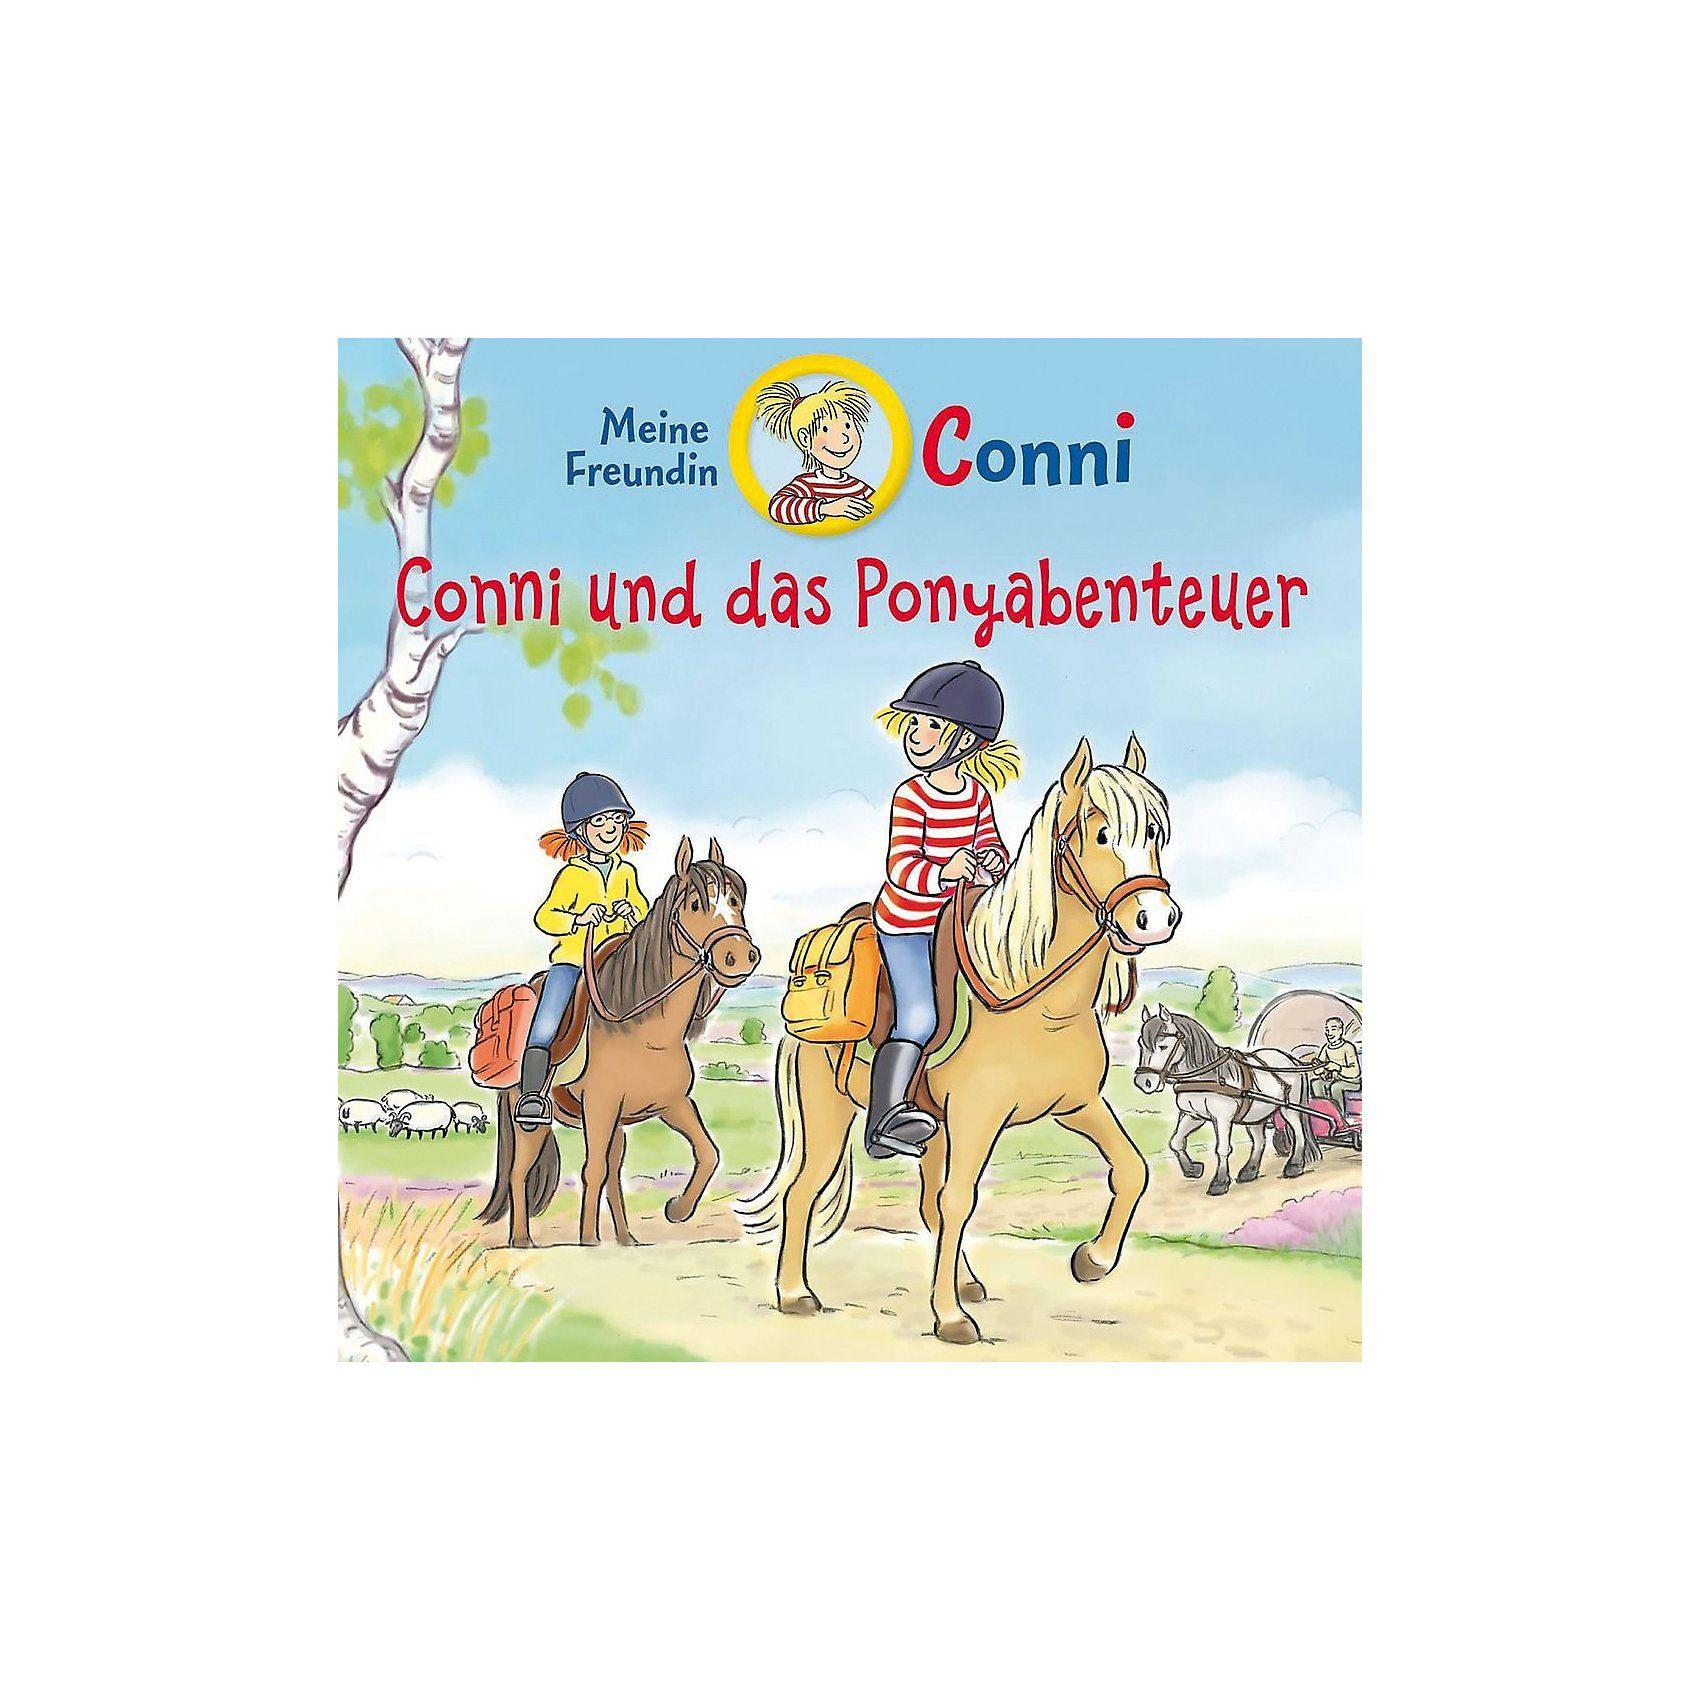 Universal CD Conni 47 - Conni und das Ponyabenteuer